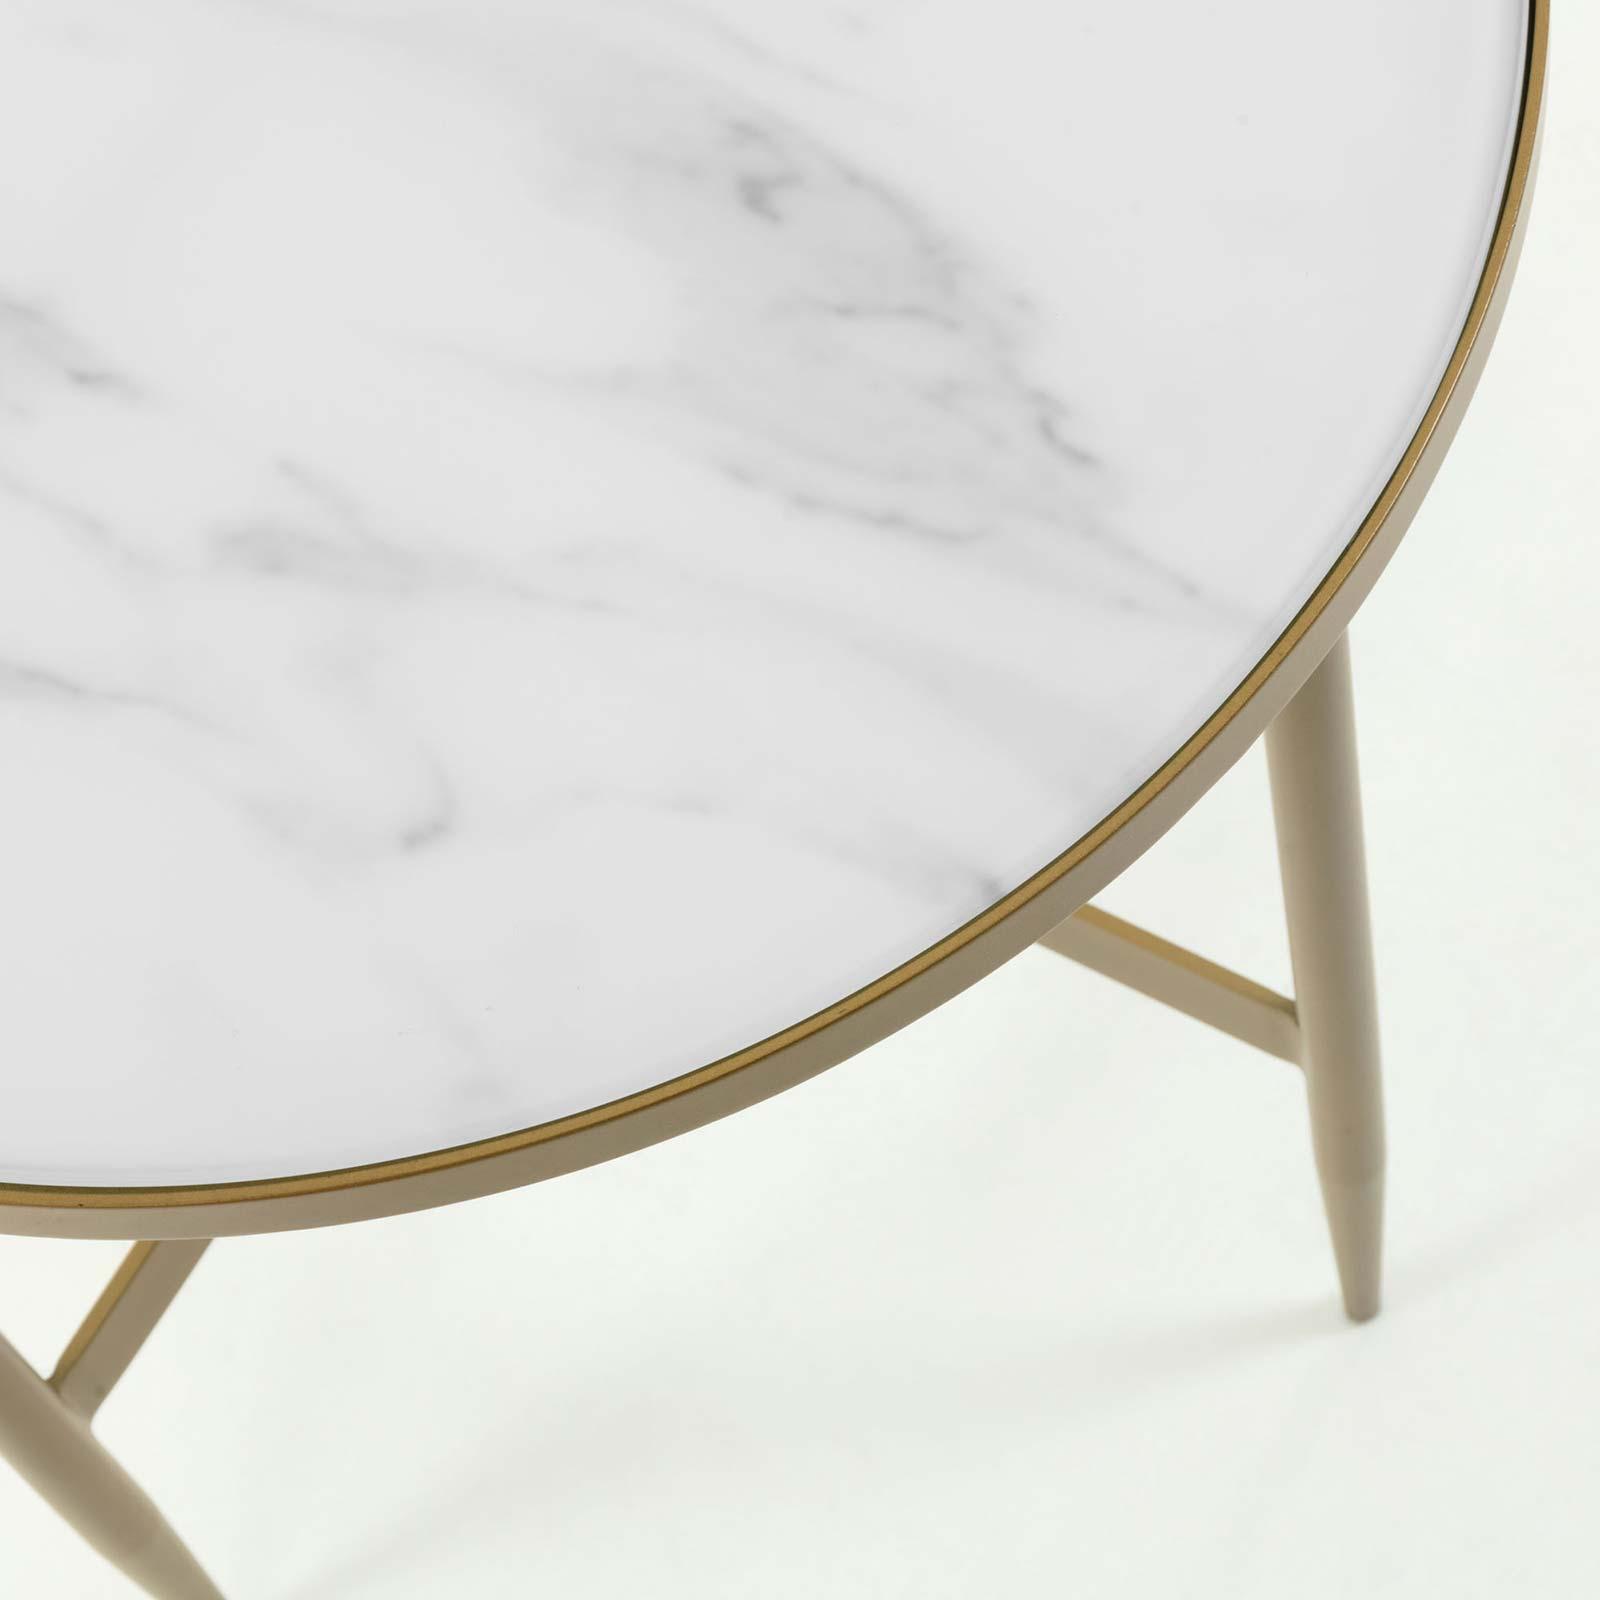 table de chevet Casandra Elise 274C05 2